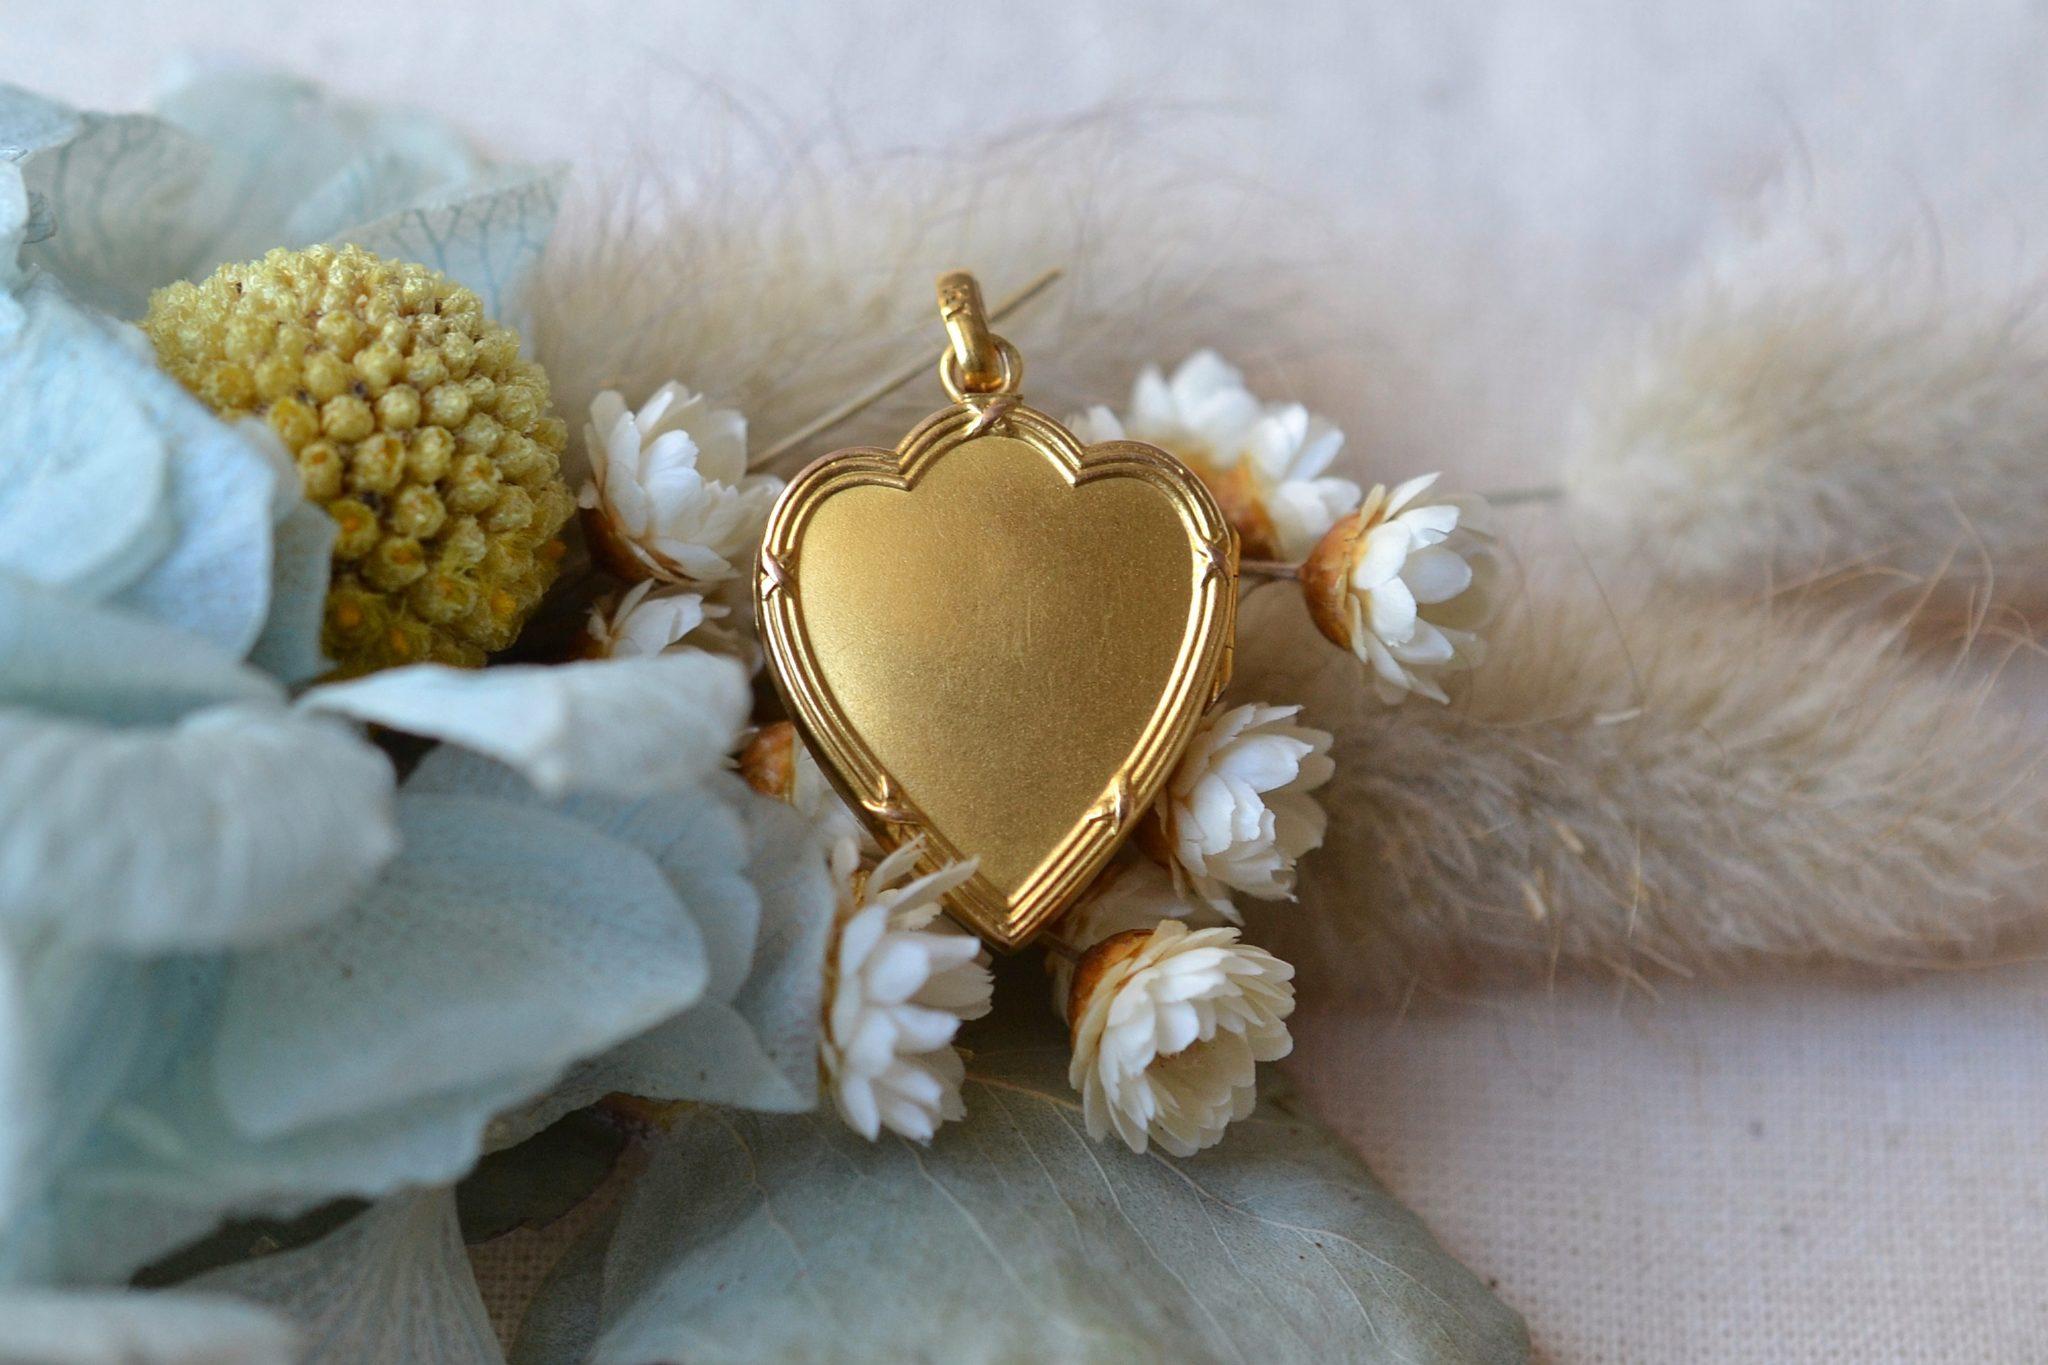 Pendentif porte-souvenir en forme de coeur en Or jaune, serti d_une perle sur un décor étoilé - bijou de seconde main